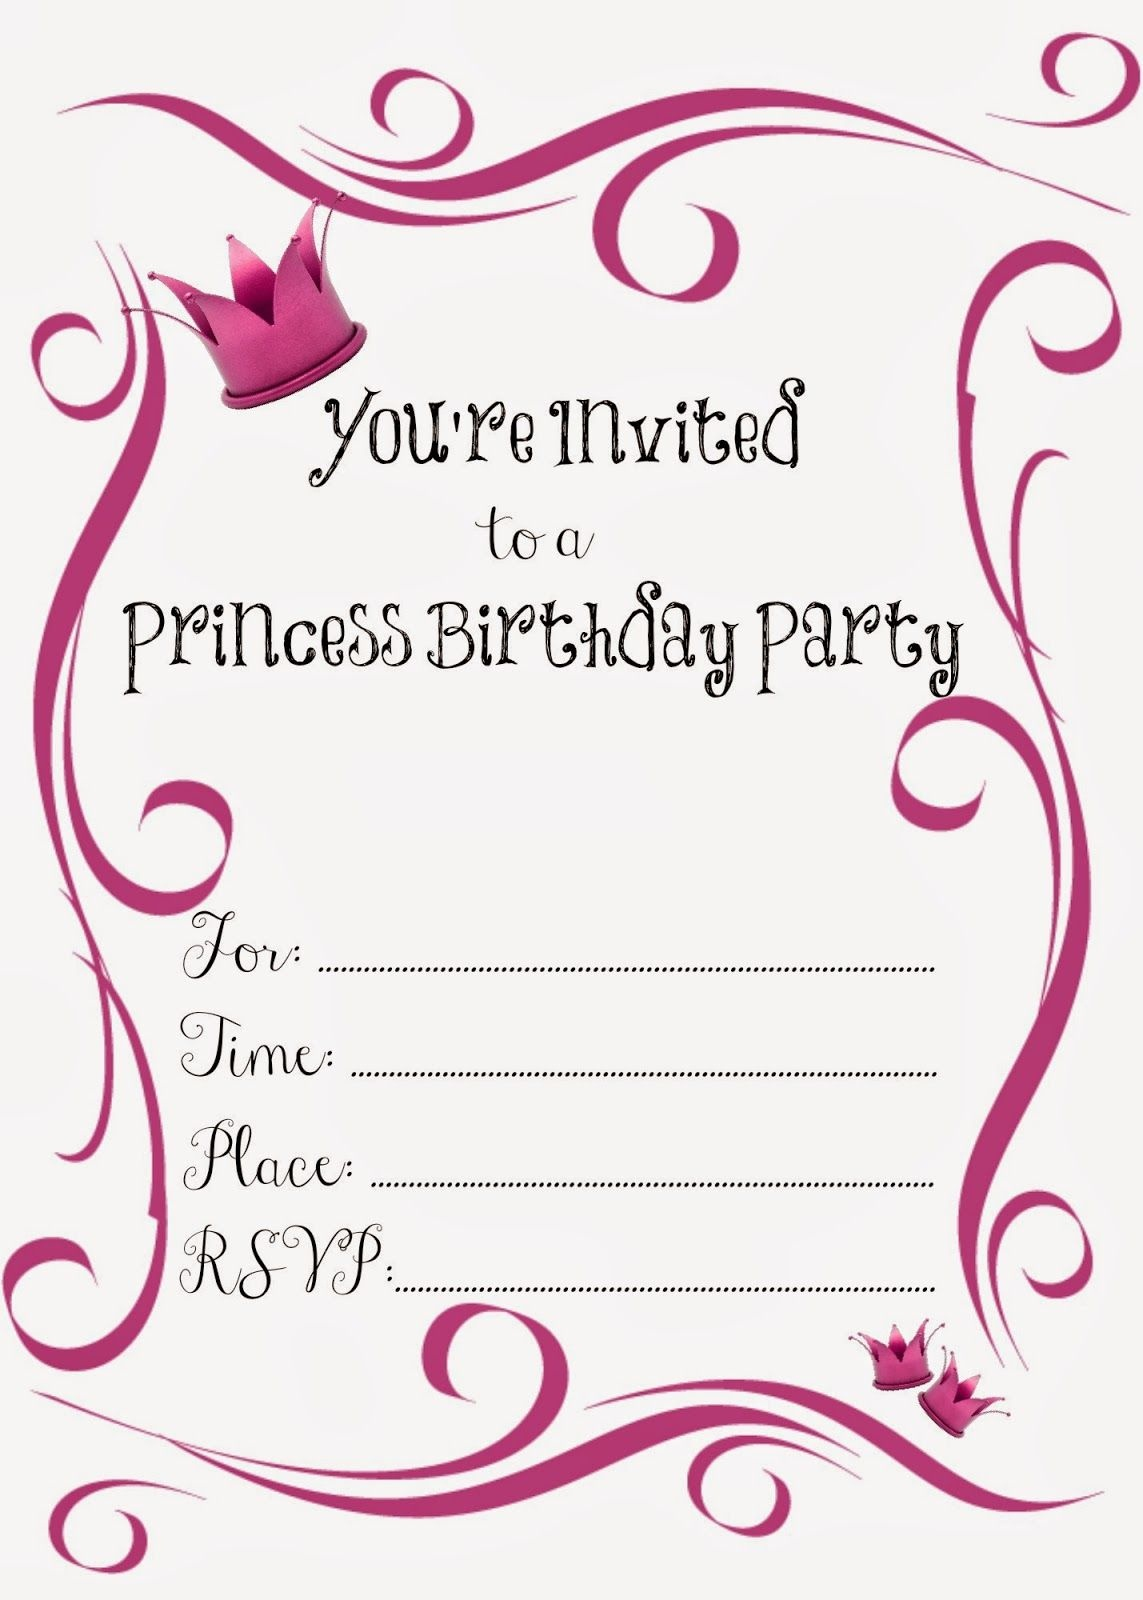 Free Printable Princess Birthday Party Invitations | Printables - Free Printable Birthday Party Invitations